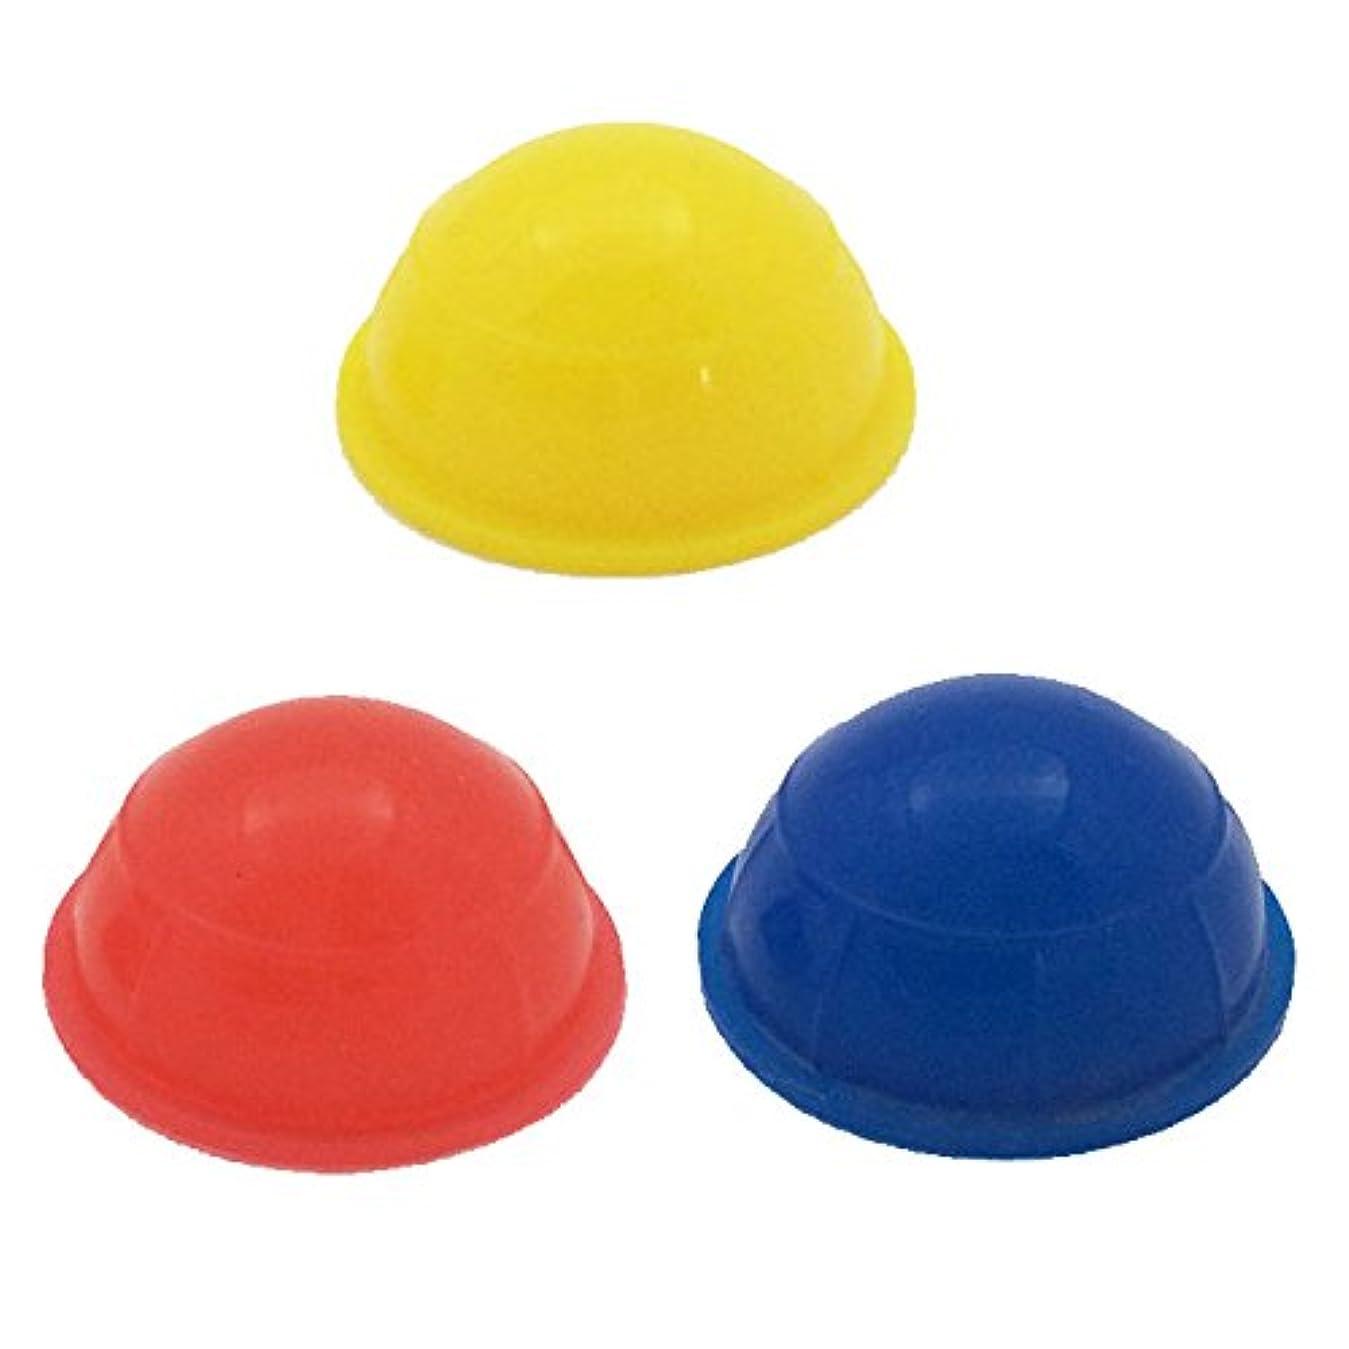 国家オーク例示する超ミニミニ吸い玉 3個セット シリコン製カッピング 直径3.5センチ